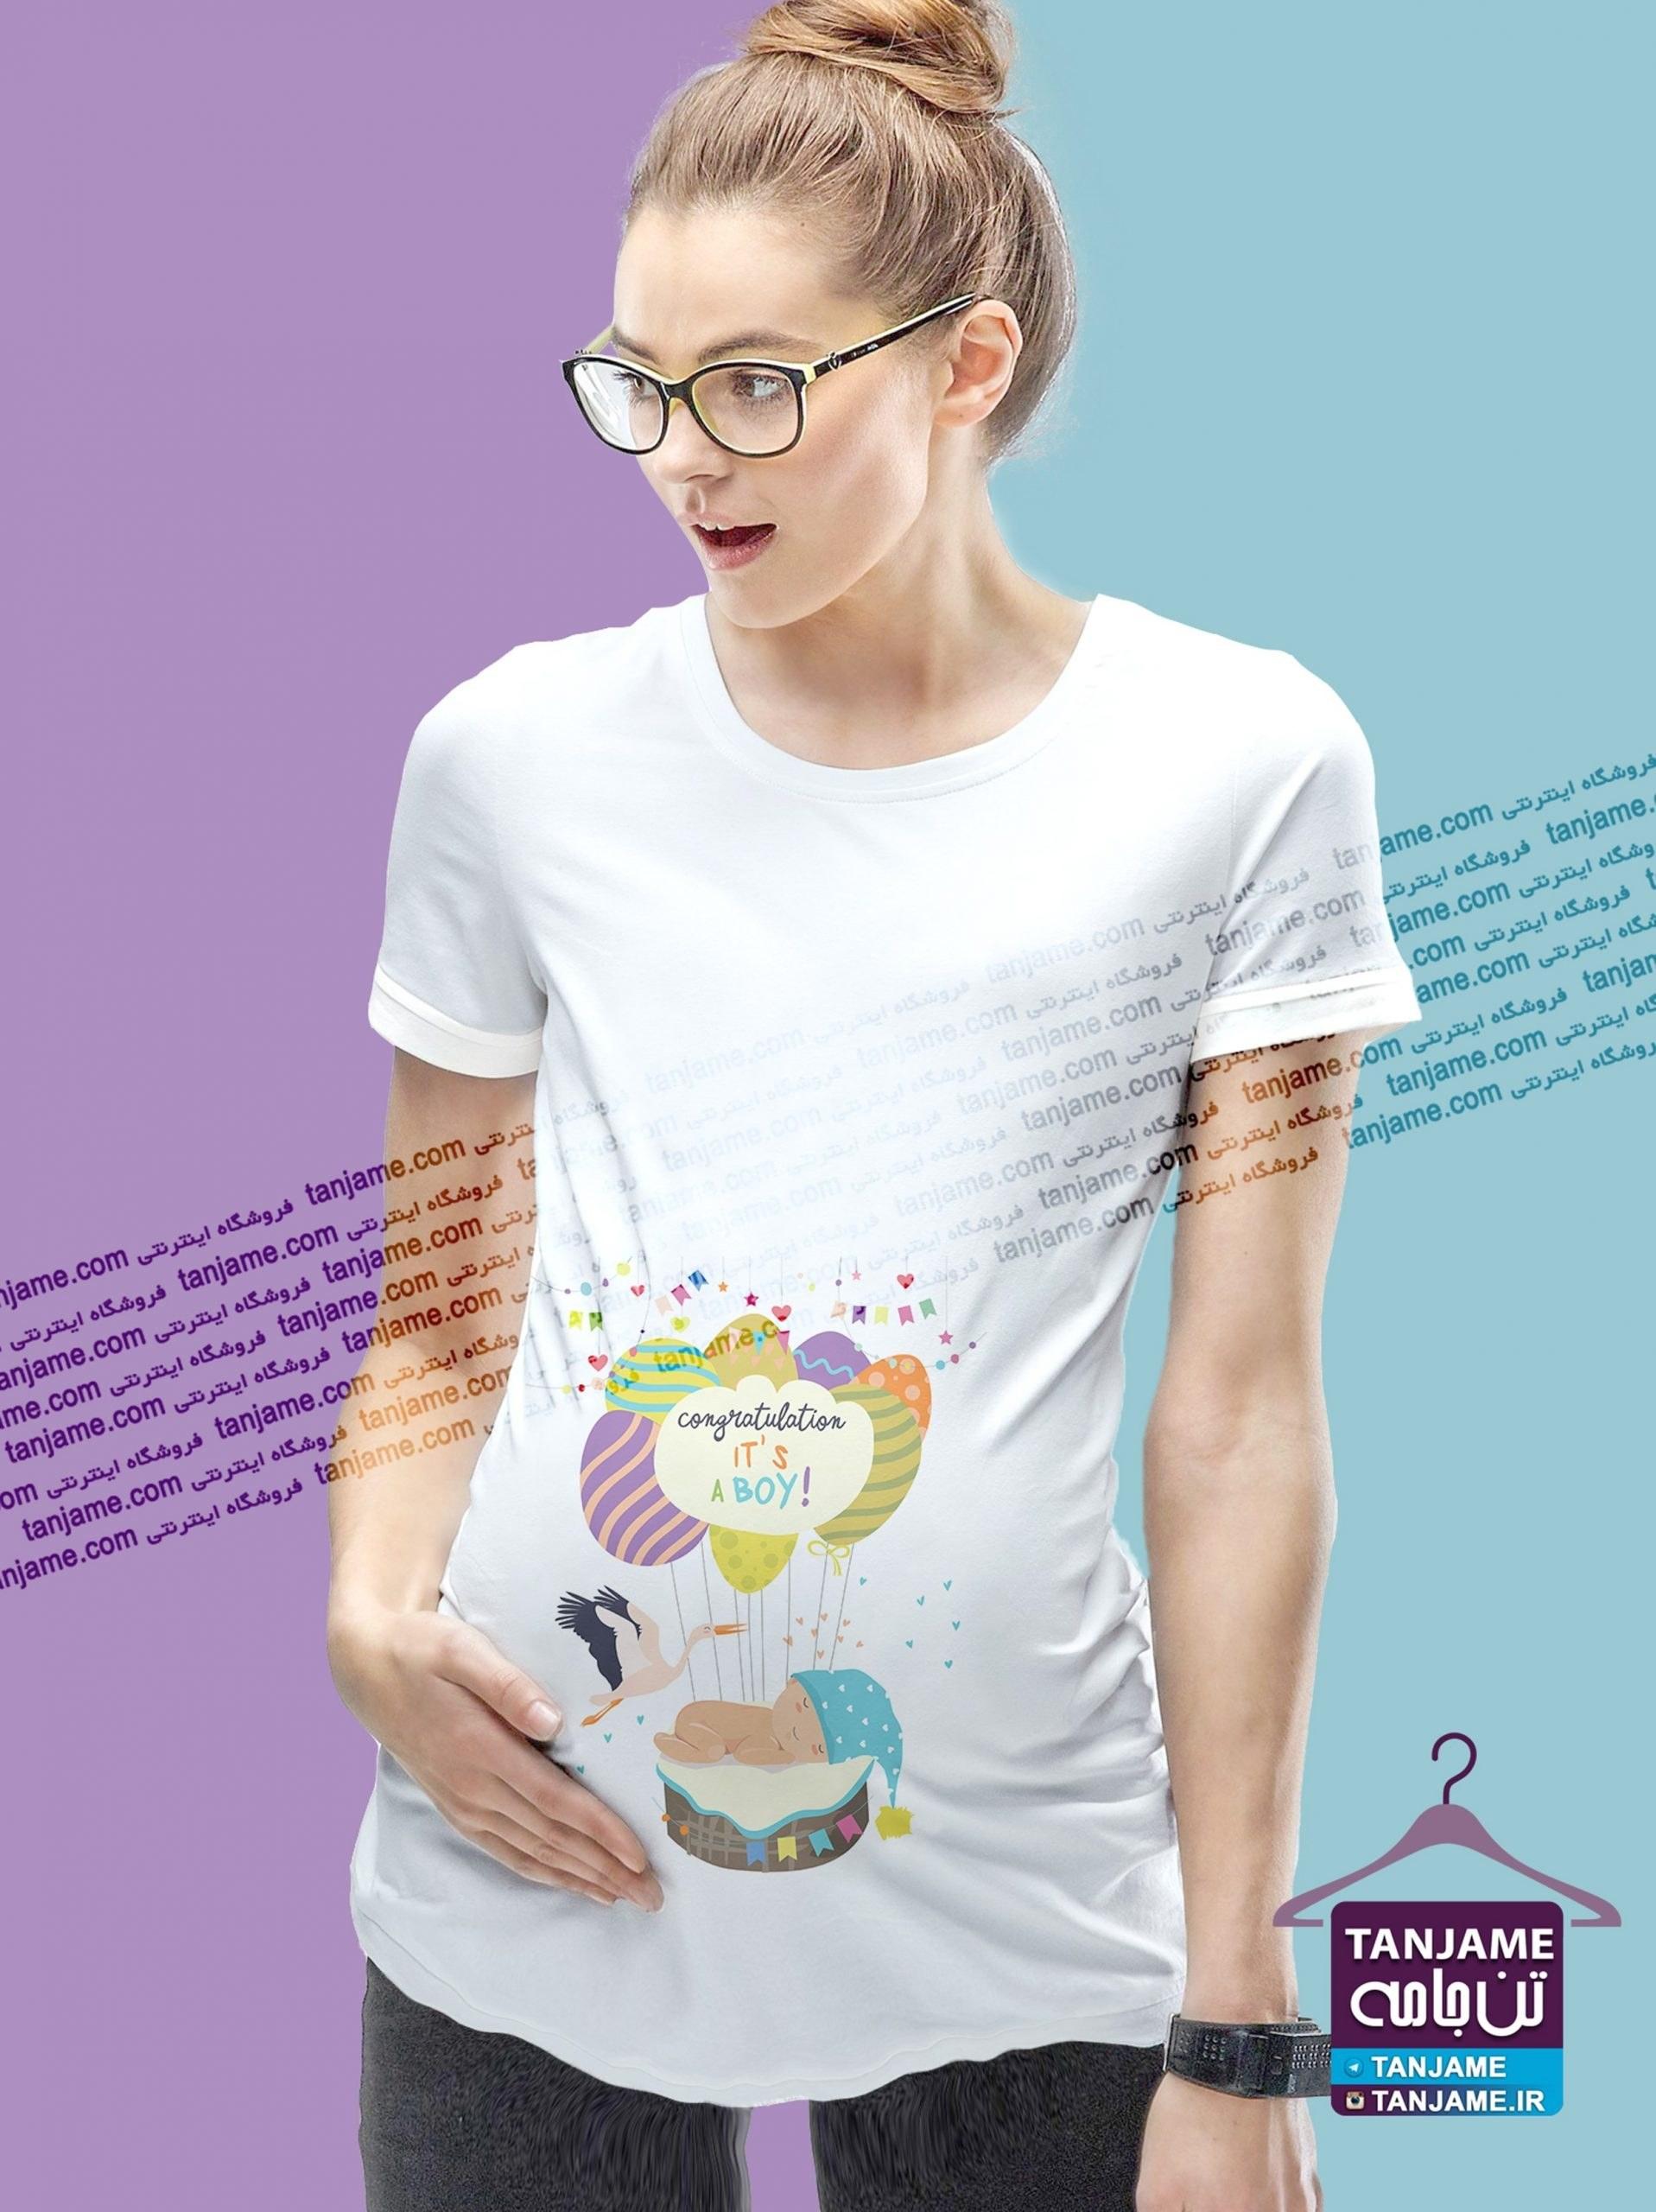 لباس بارداری طرح پسر بادکنکی